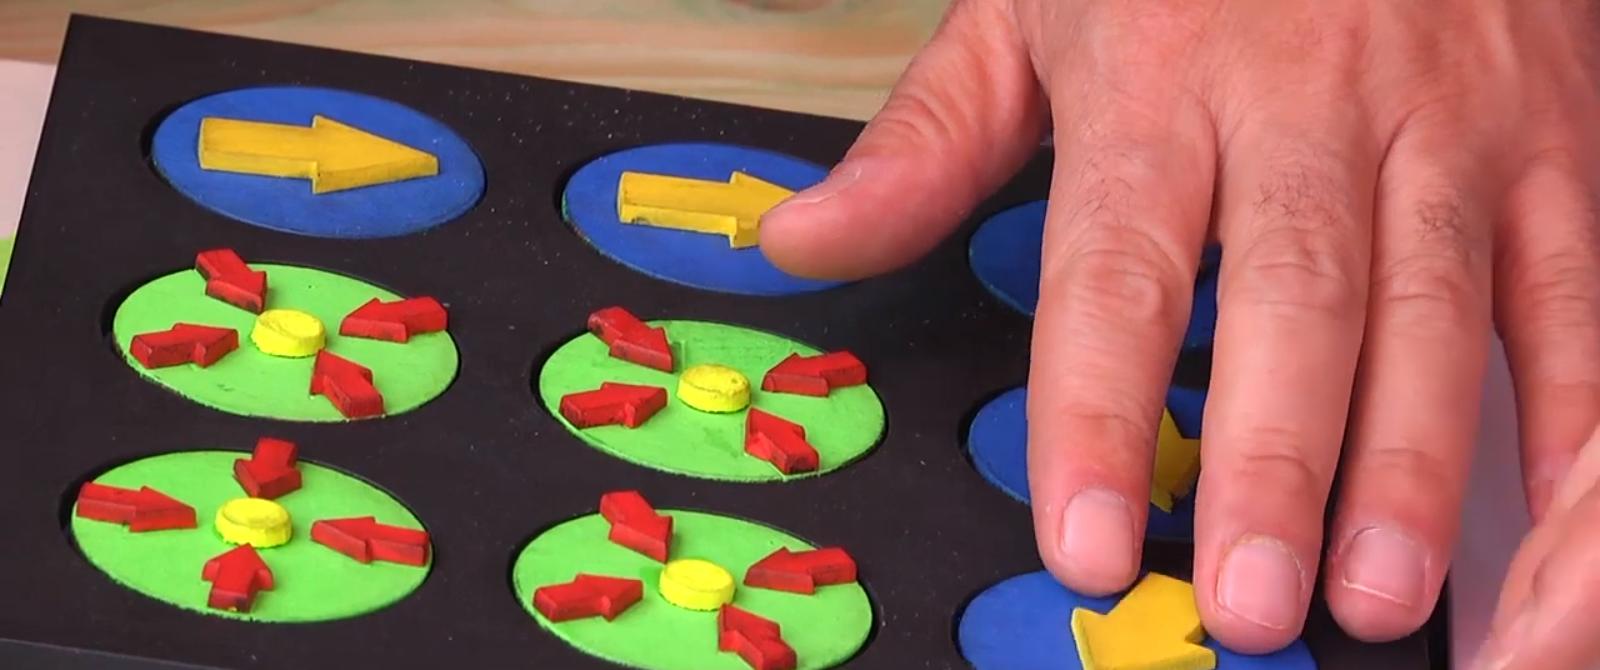 Cornare le apuesta al sistema Braille